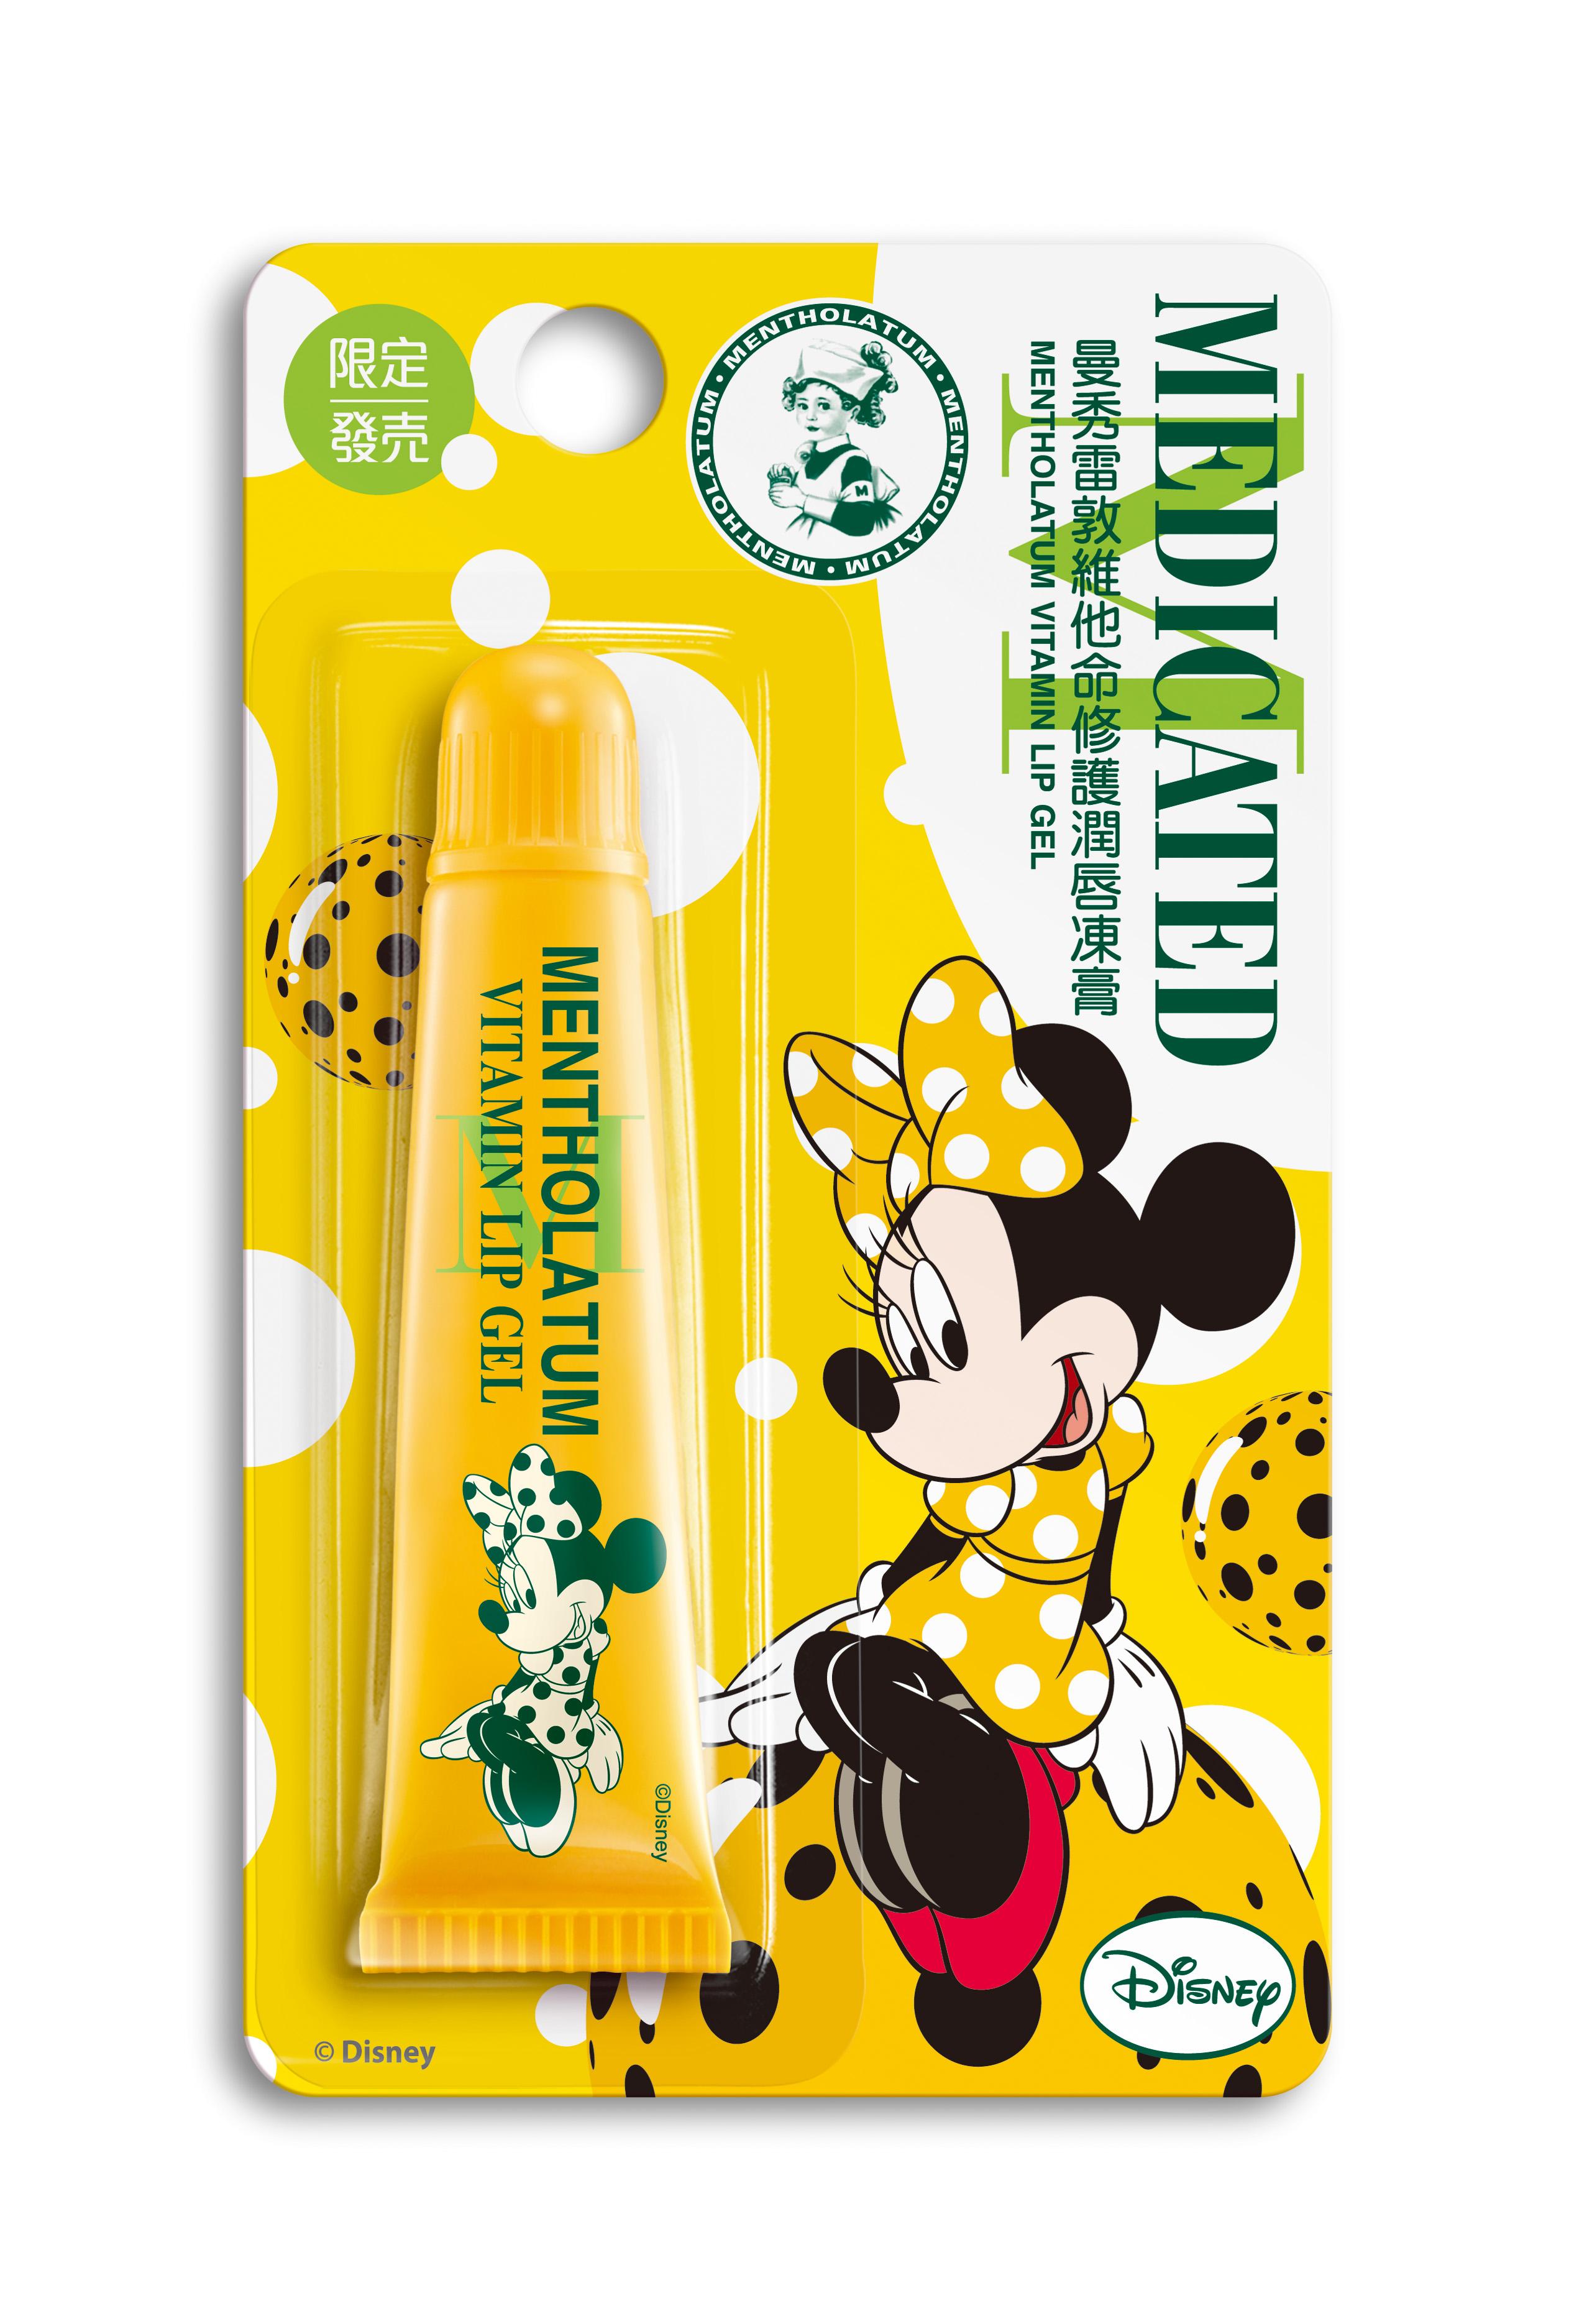 2015 曼秀雷敦潤唇凍膏Disney限定版 - 維他命修護潤唇凍膏